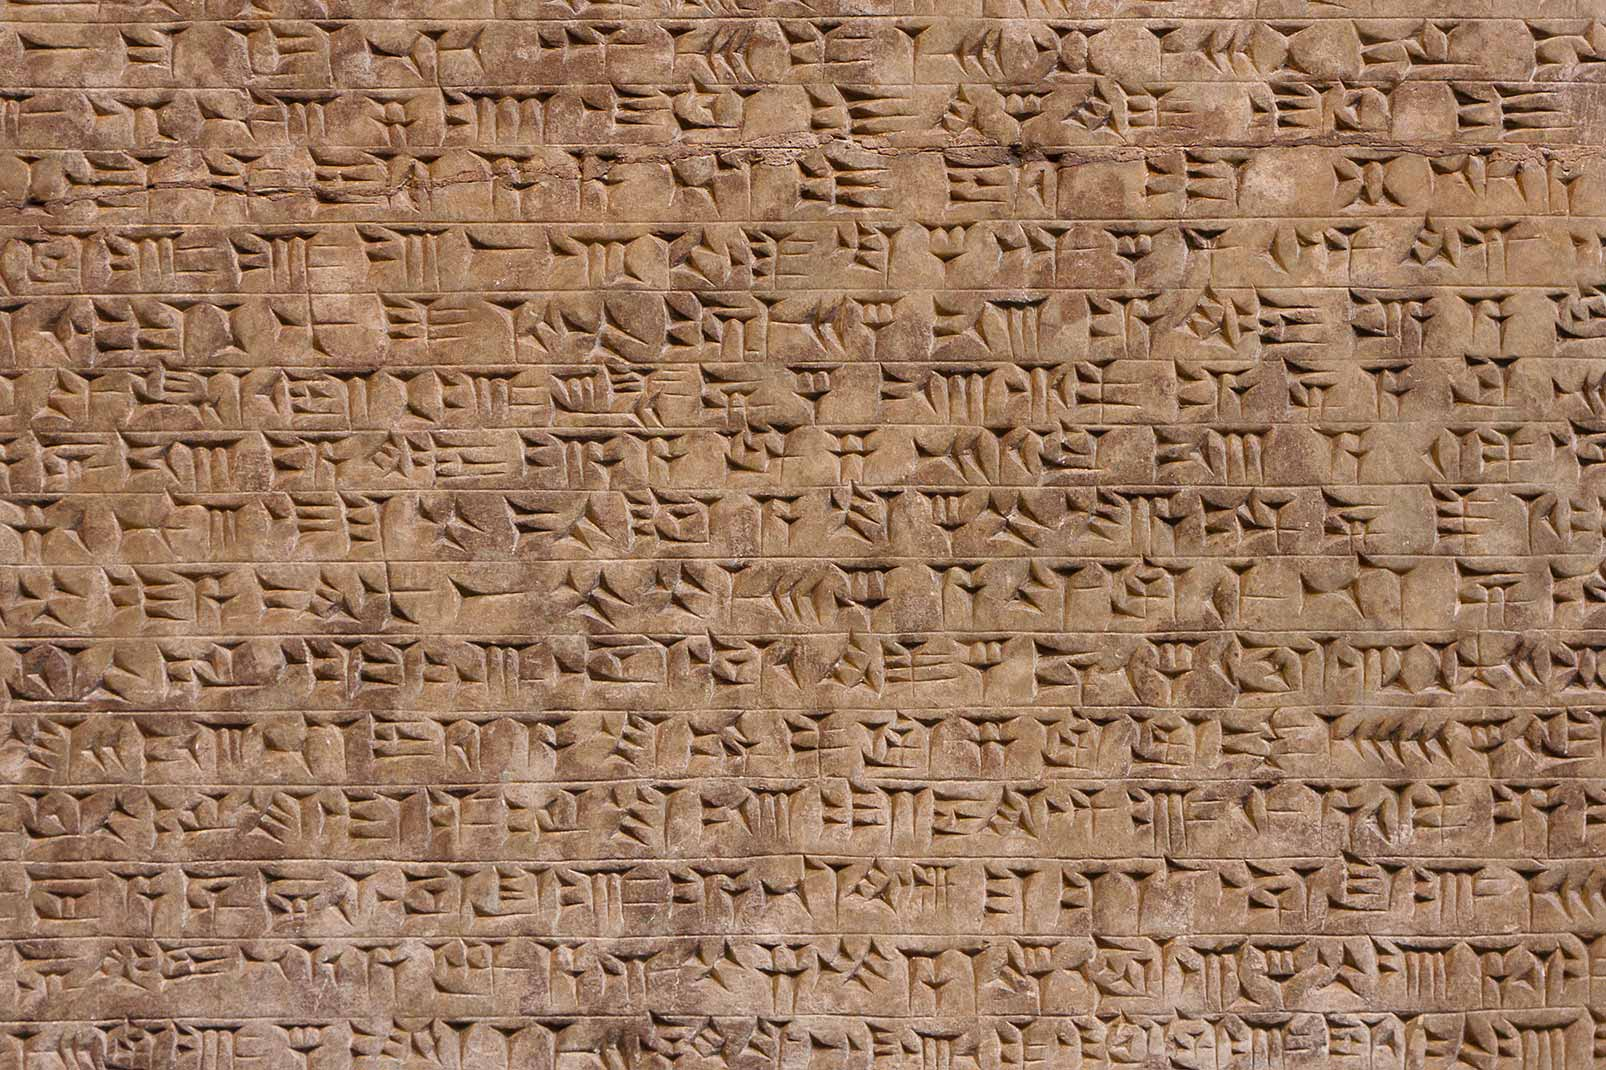 Agence-communication-origine-ecriture-cuneiforme